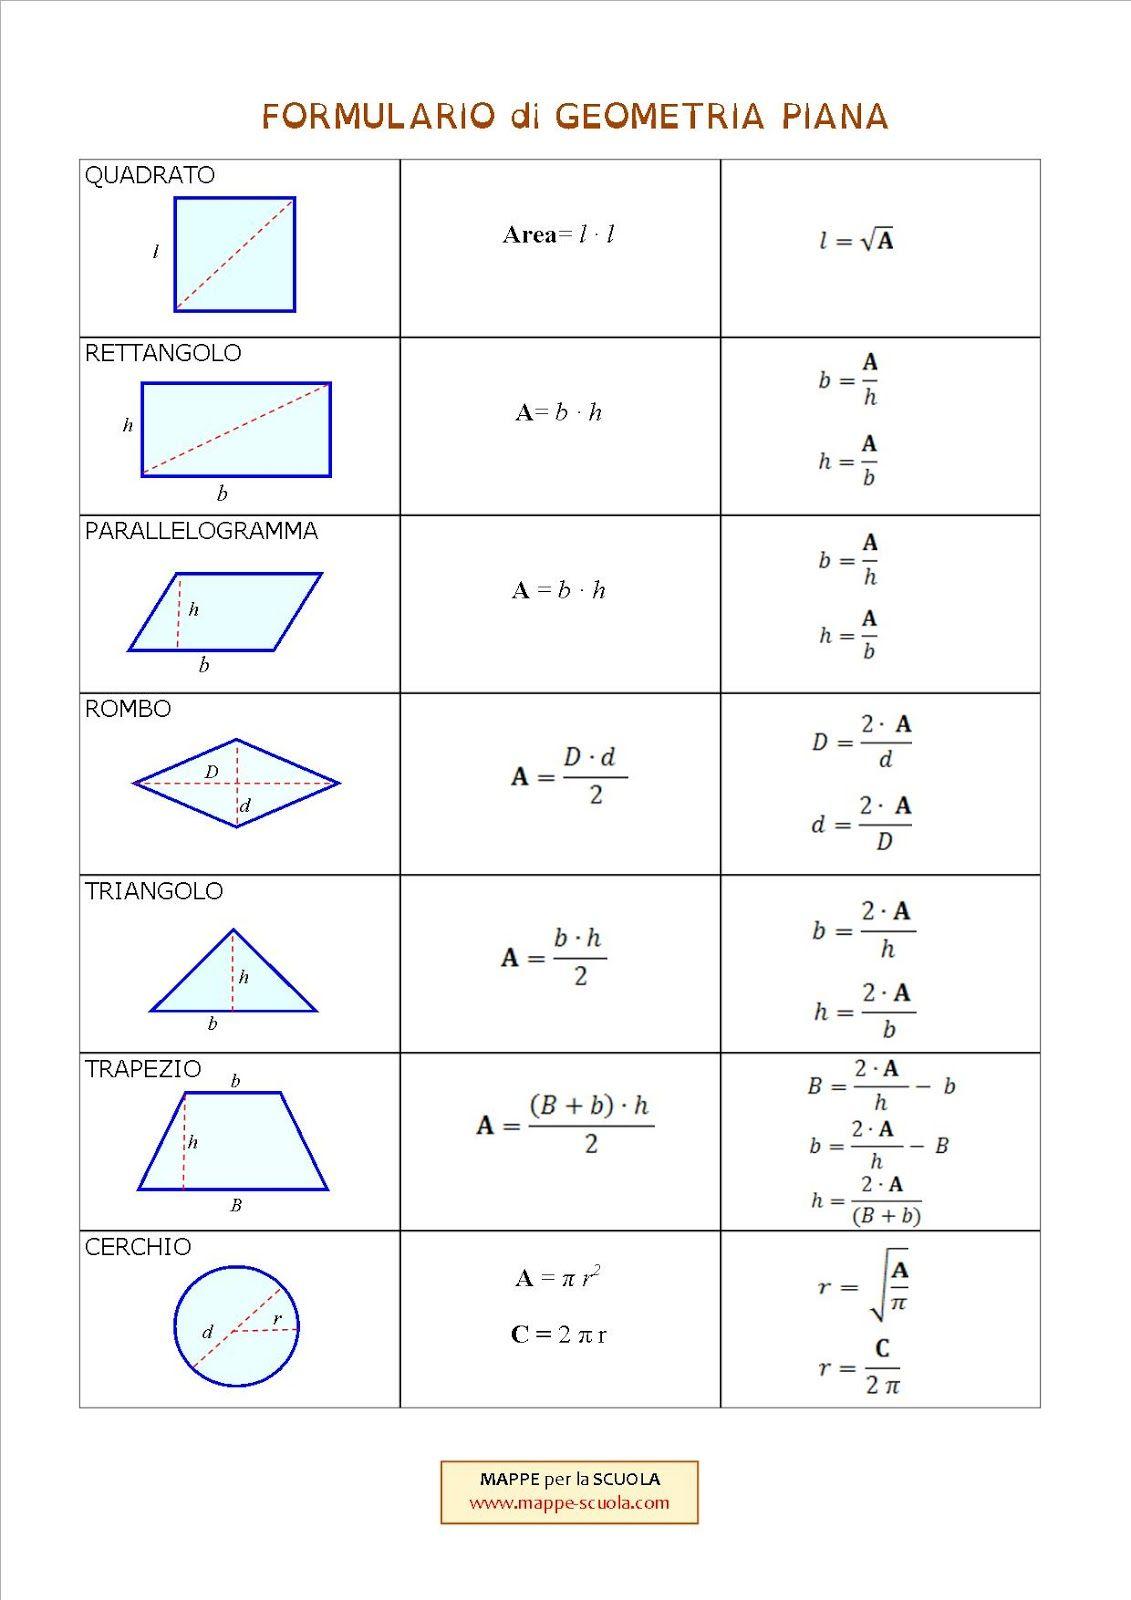 Schema Con Formule Di Geometria Piana Quadrato Rettangolo